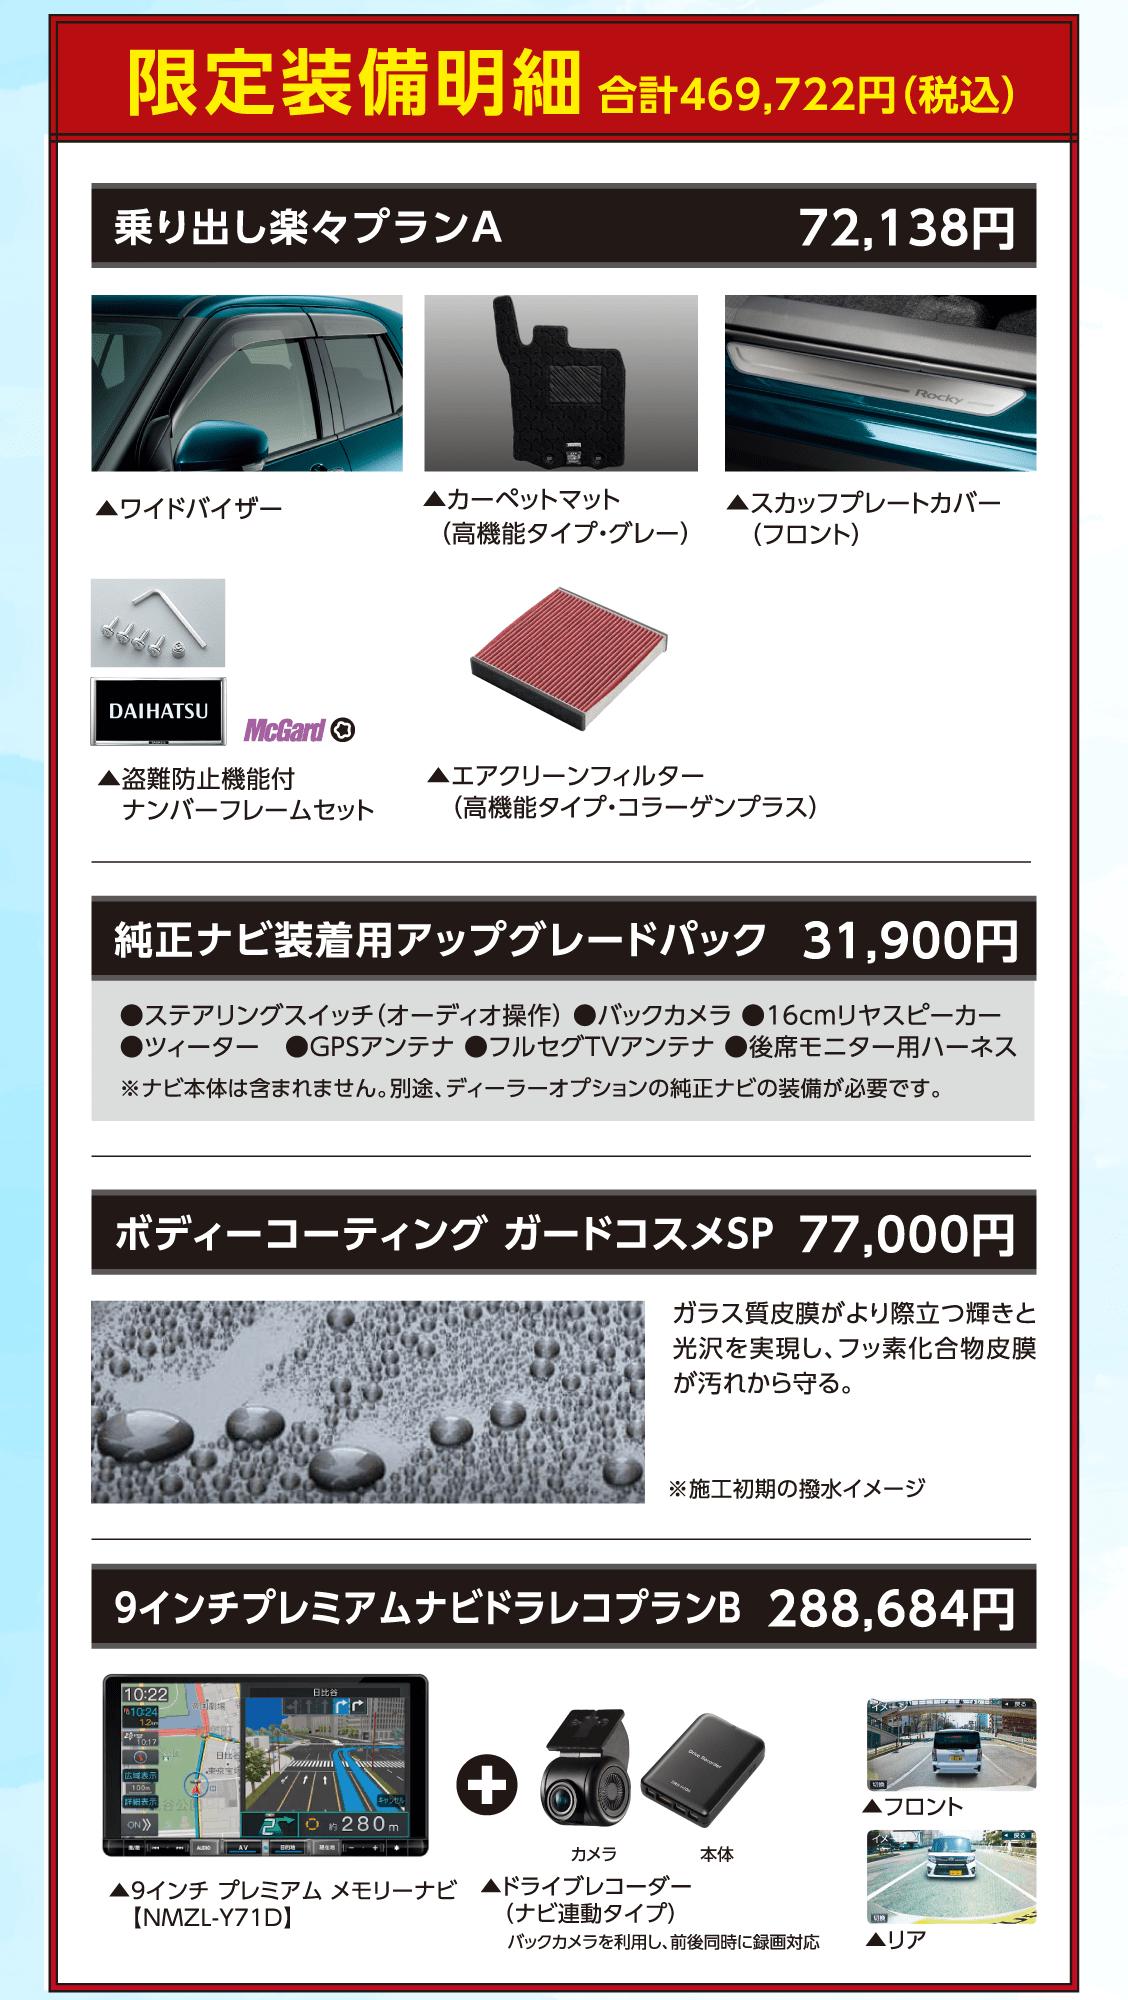 ロッキー Premium エディション 限定装備明細